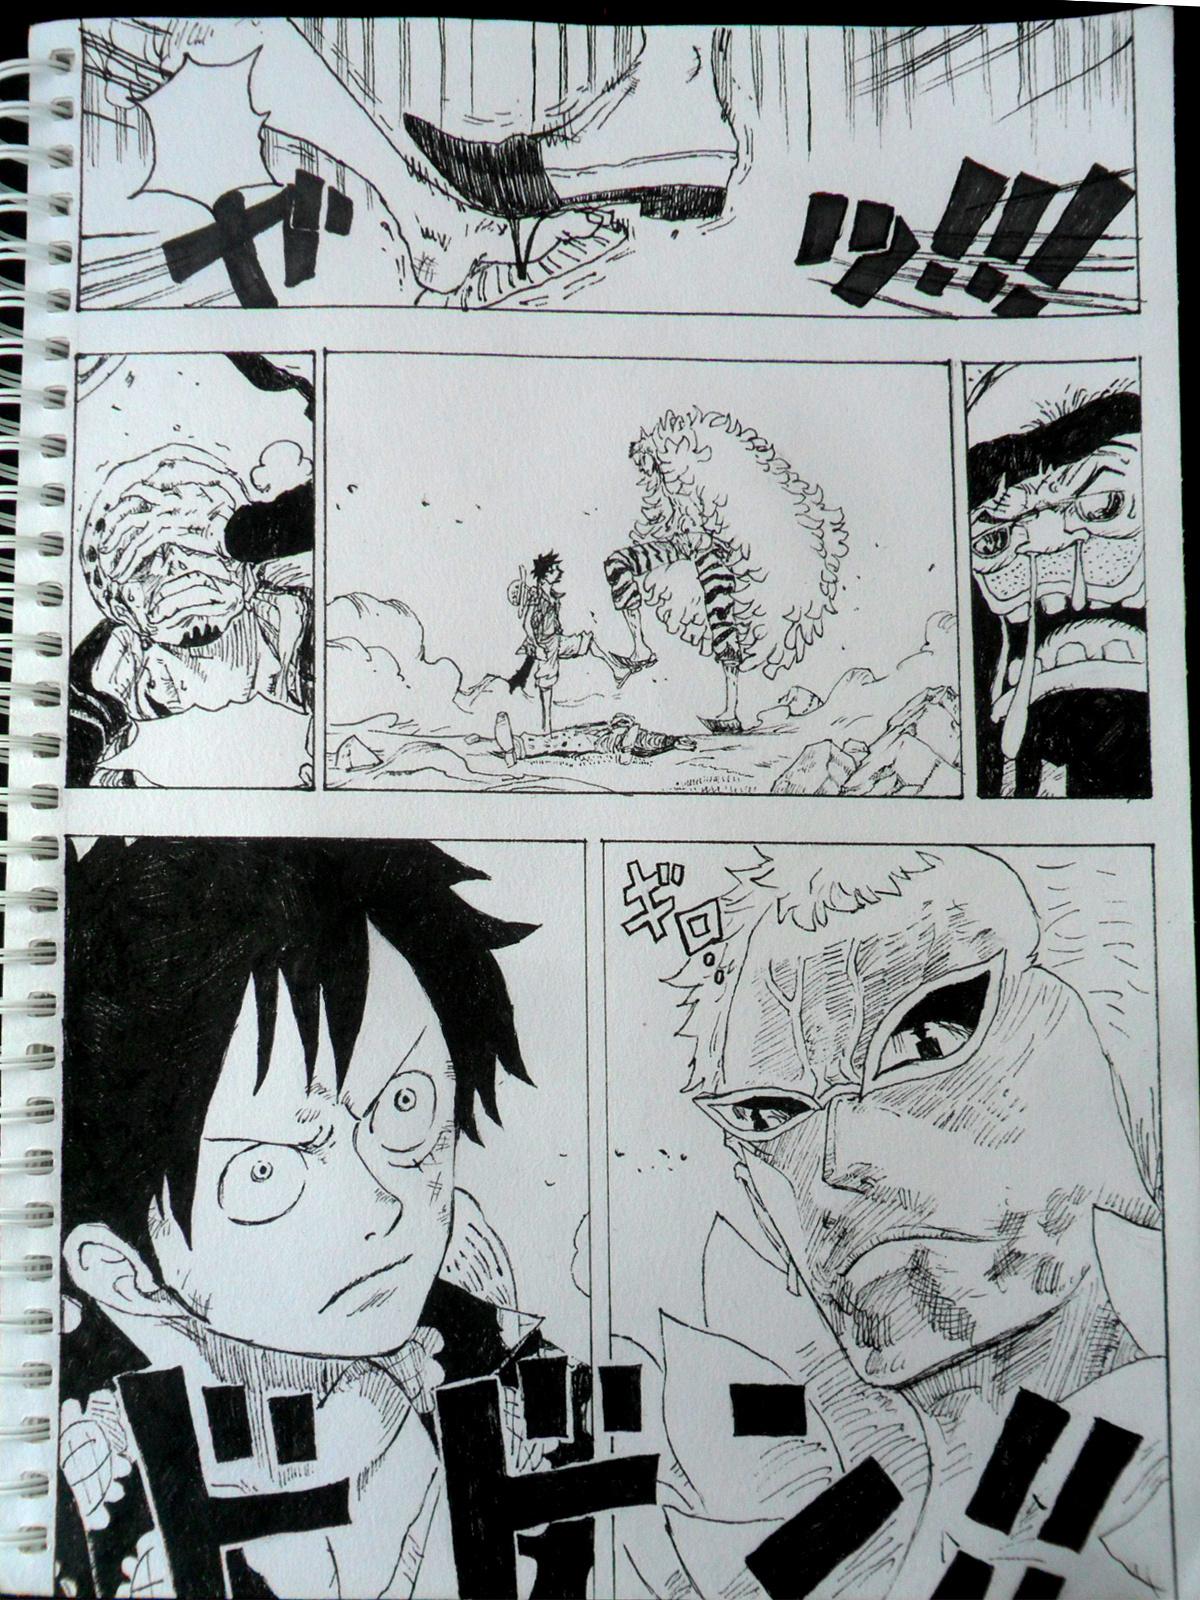 海贼王动漫781话最后页临摹|漫画|其他漫画|血动漫梦的舞台免费图片